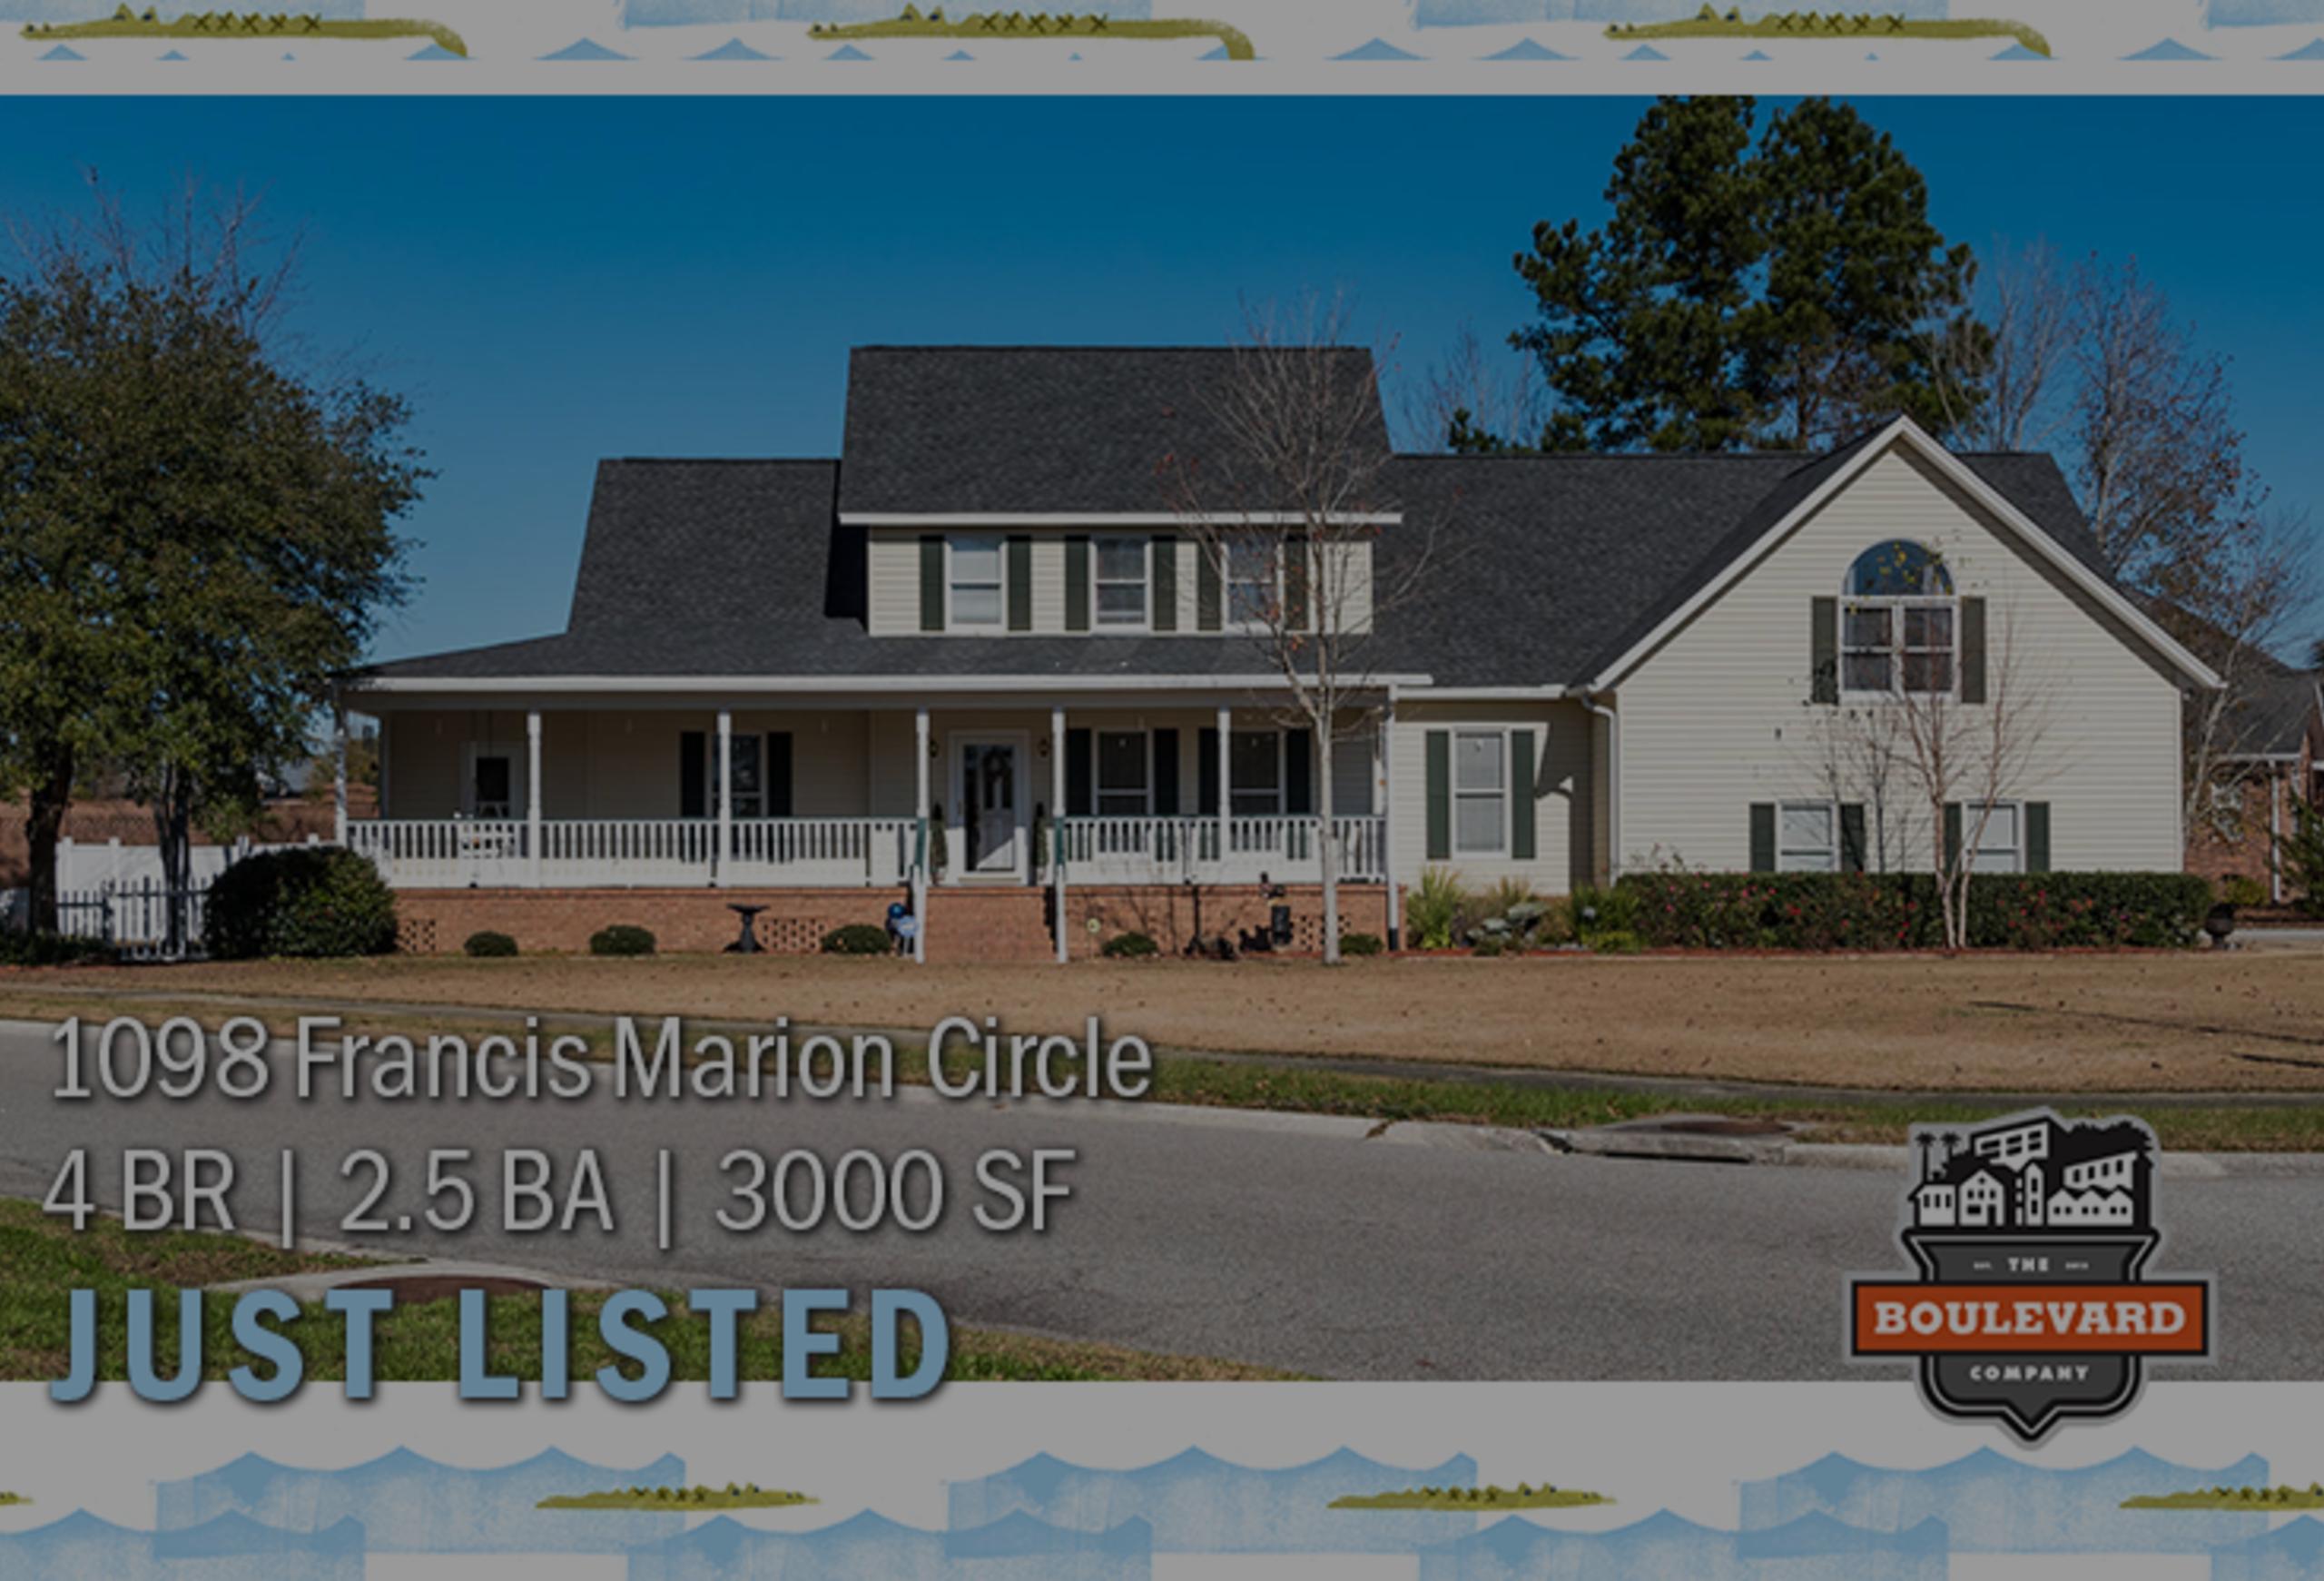 new listing: 1098 Francis Marion Circle